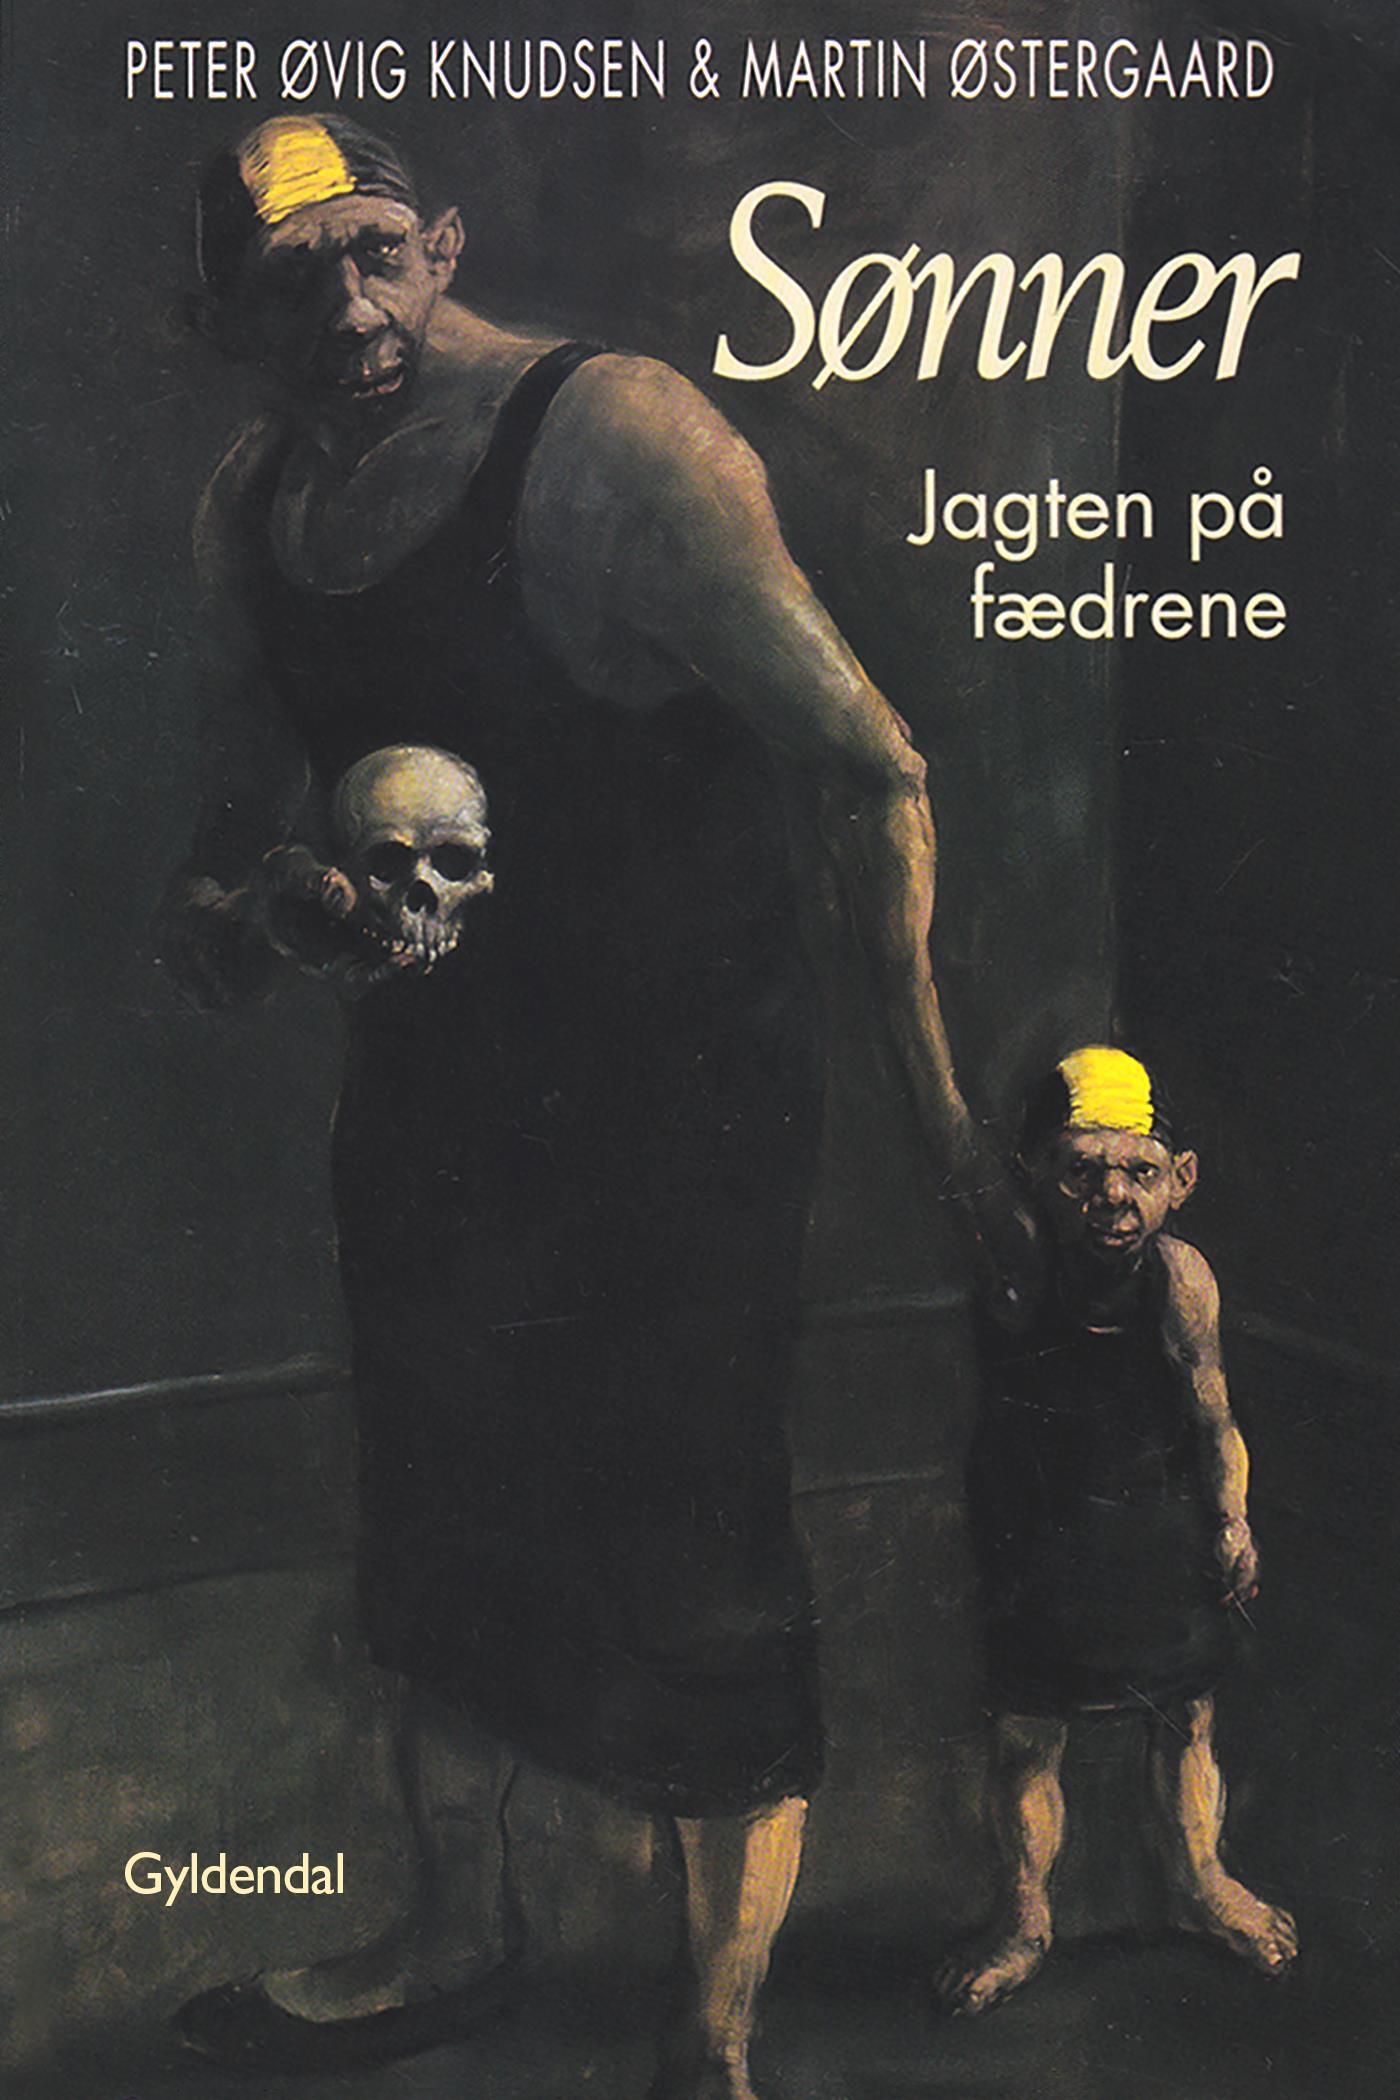 Sønner - e-bog fra N/A på bog & mystik